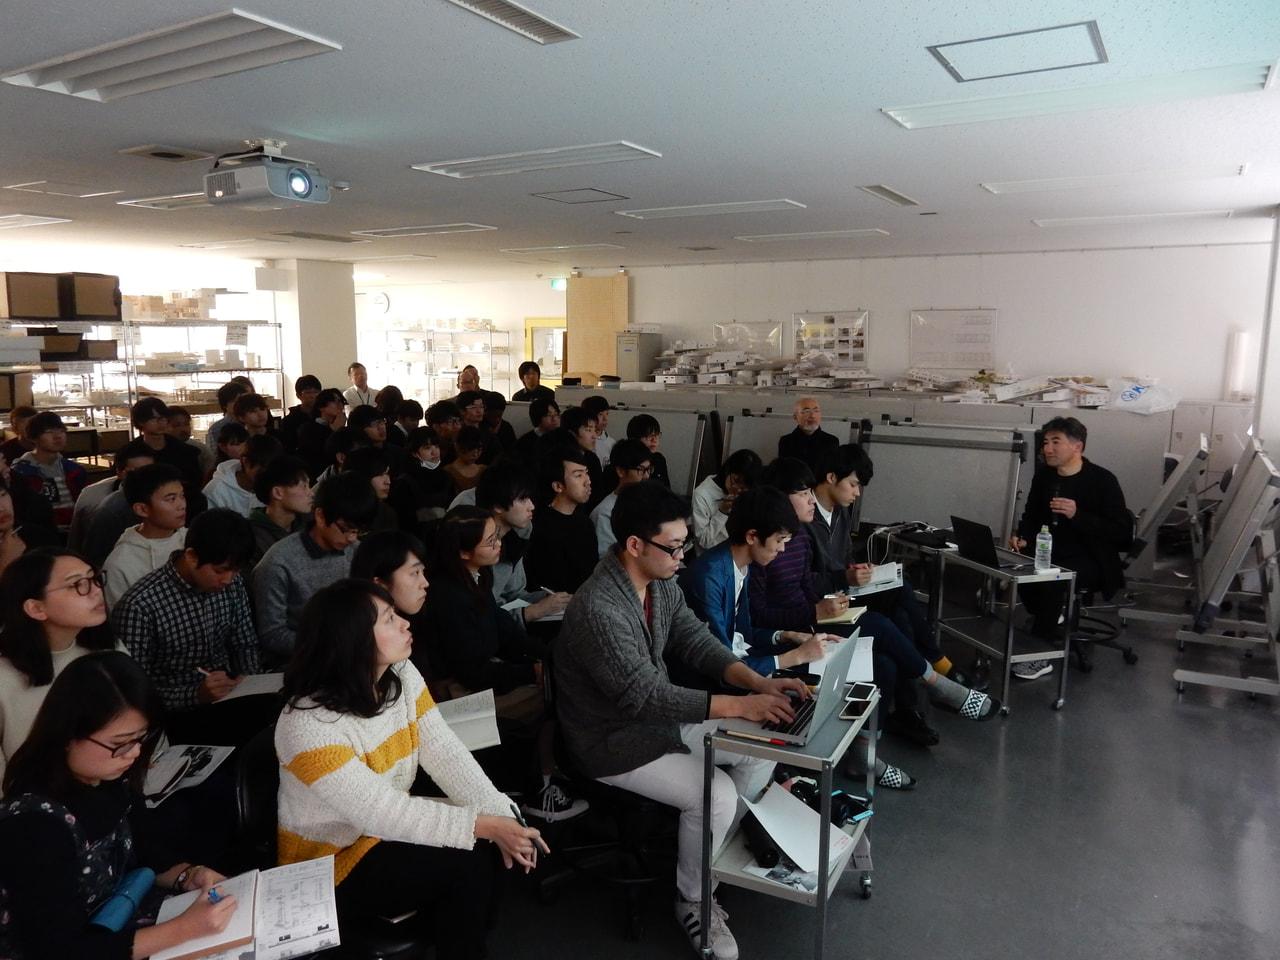 建築家・遠藤克彦さんをお招きし、特別講義を実施しました